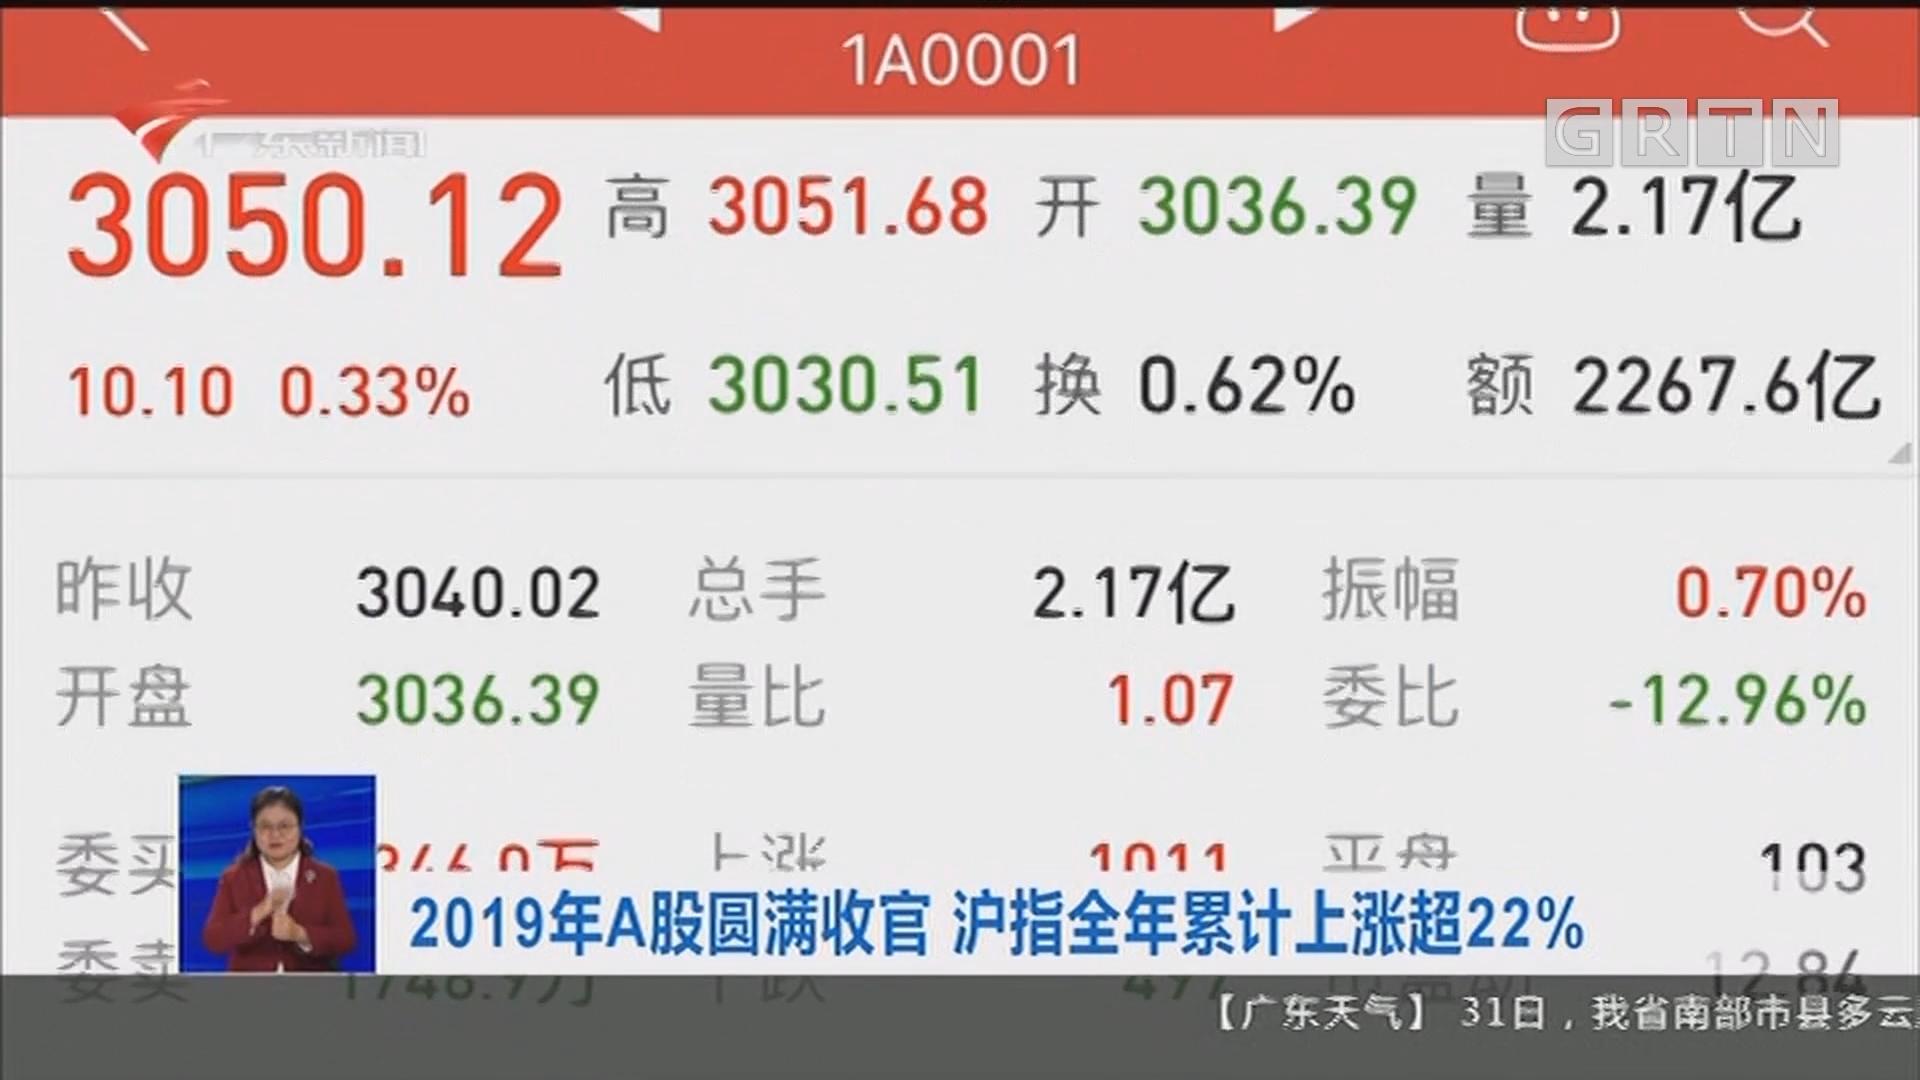 上海:2019年A股圆满收官 沪指全年累计上涨超22%